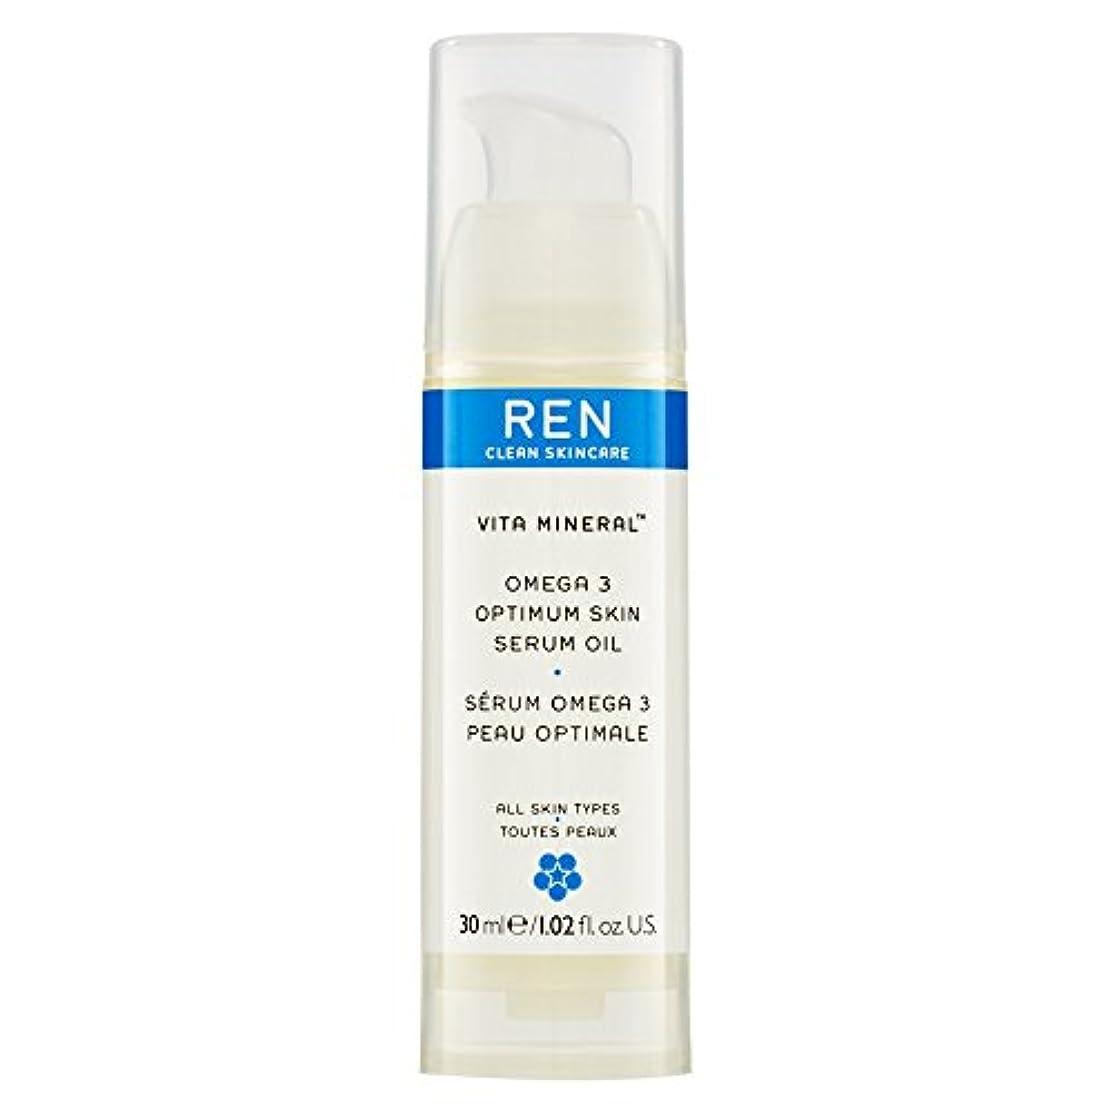 故障野望発揮するRenヴィータミネラル?オメガ3の最適な肌の血清オイル30ミリリットル (REN) (x2) - REN Vita Mineral? Omega 3 Optimum Skin Serum Oil 30ml (Pack of...